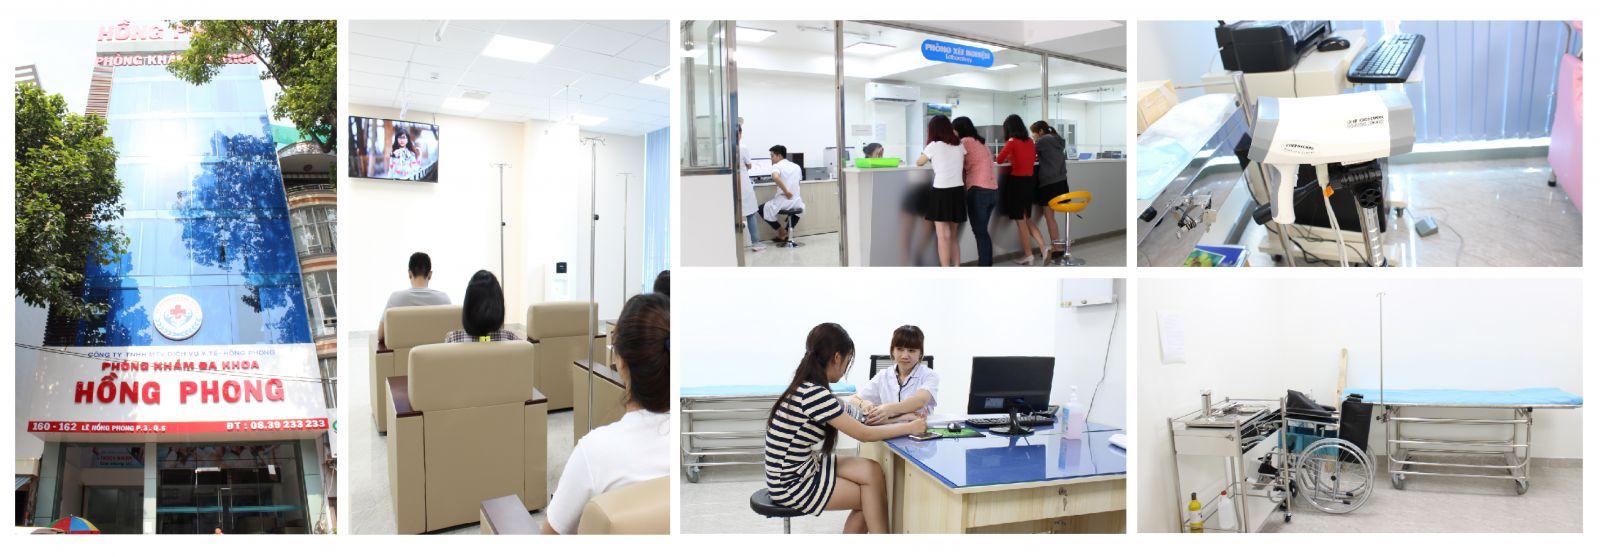 Địa chỉ phá thai an toàn bậc nhất tại thành phố Hồ Chí Minh hiện nay